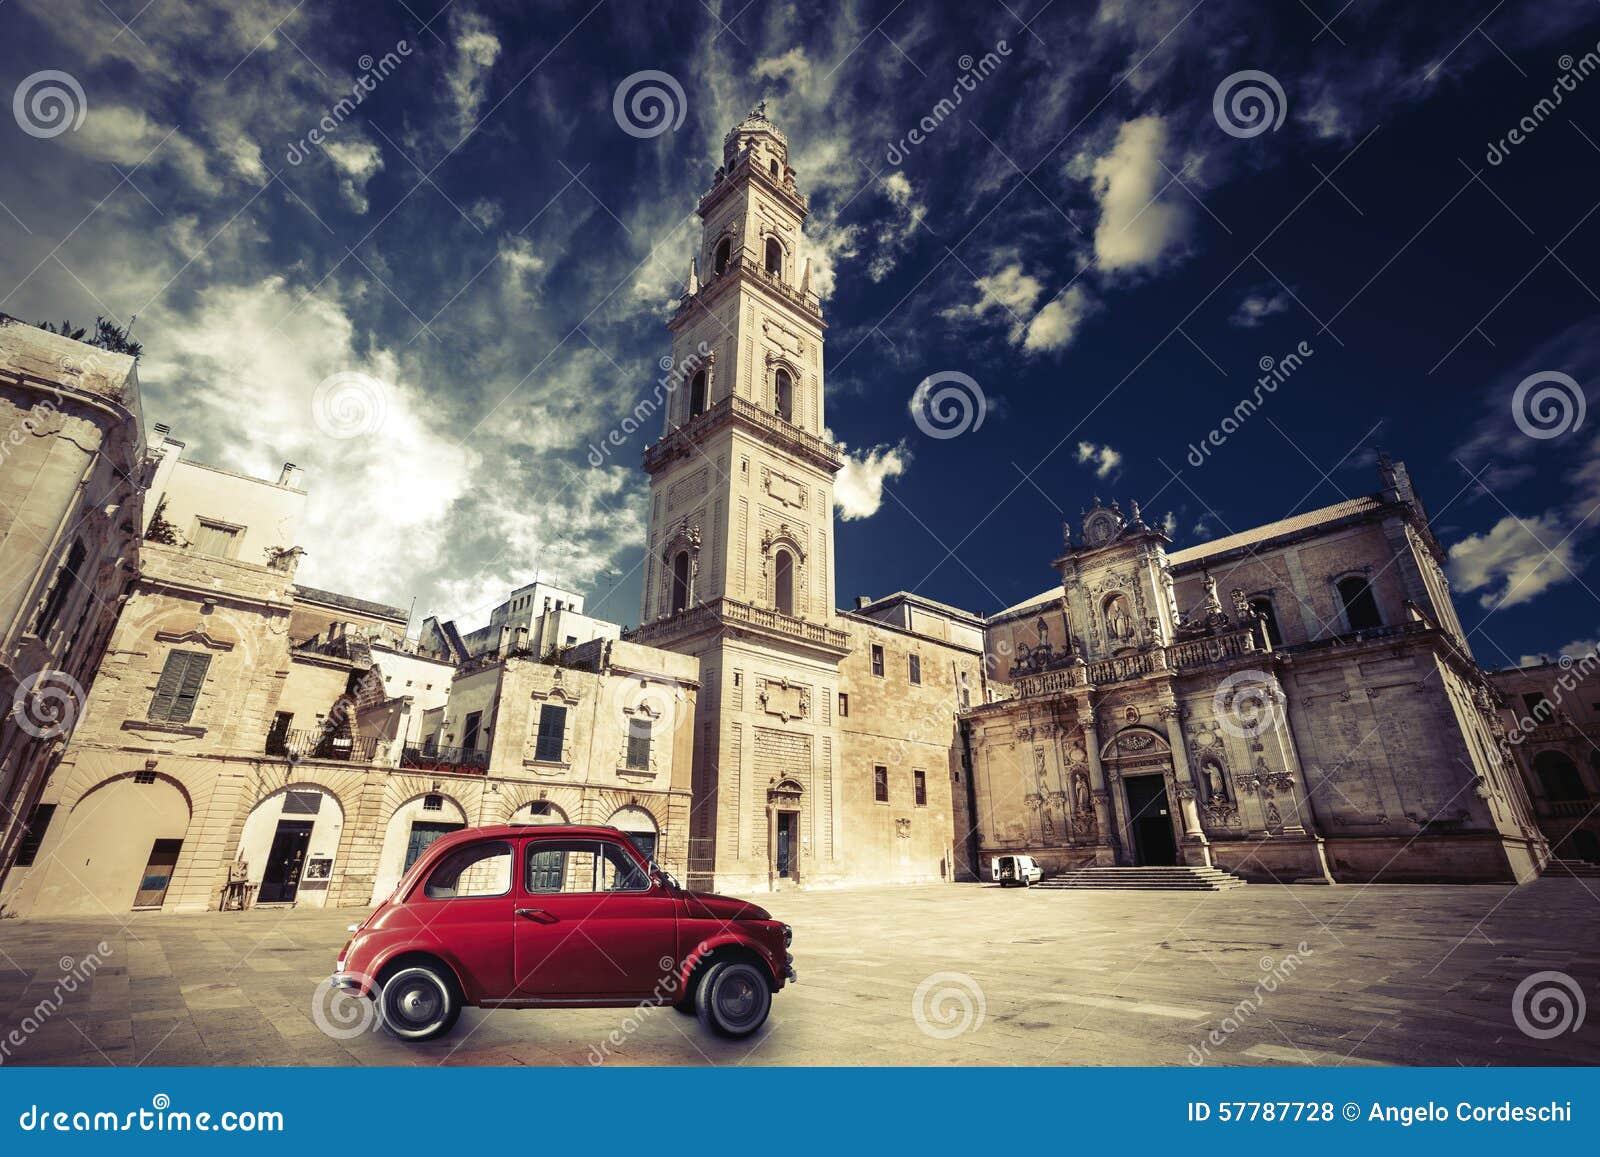 Italiensk plats för tappning, en gammal kyrka med ett klockatorn och gammal liten röd bil